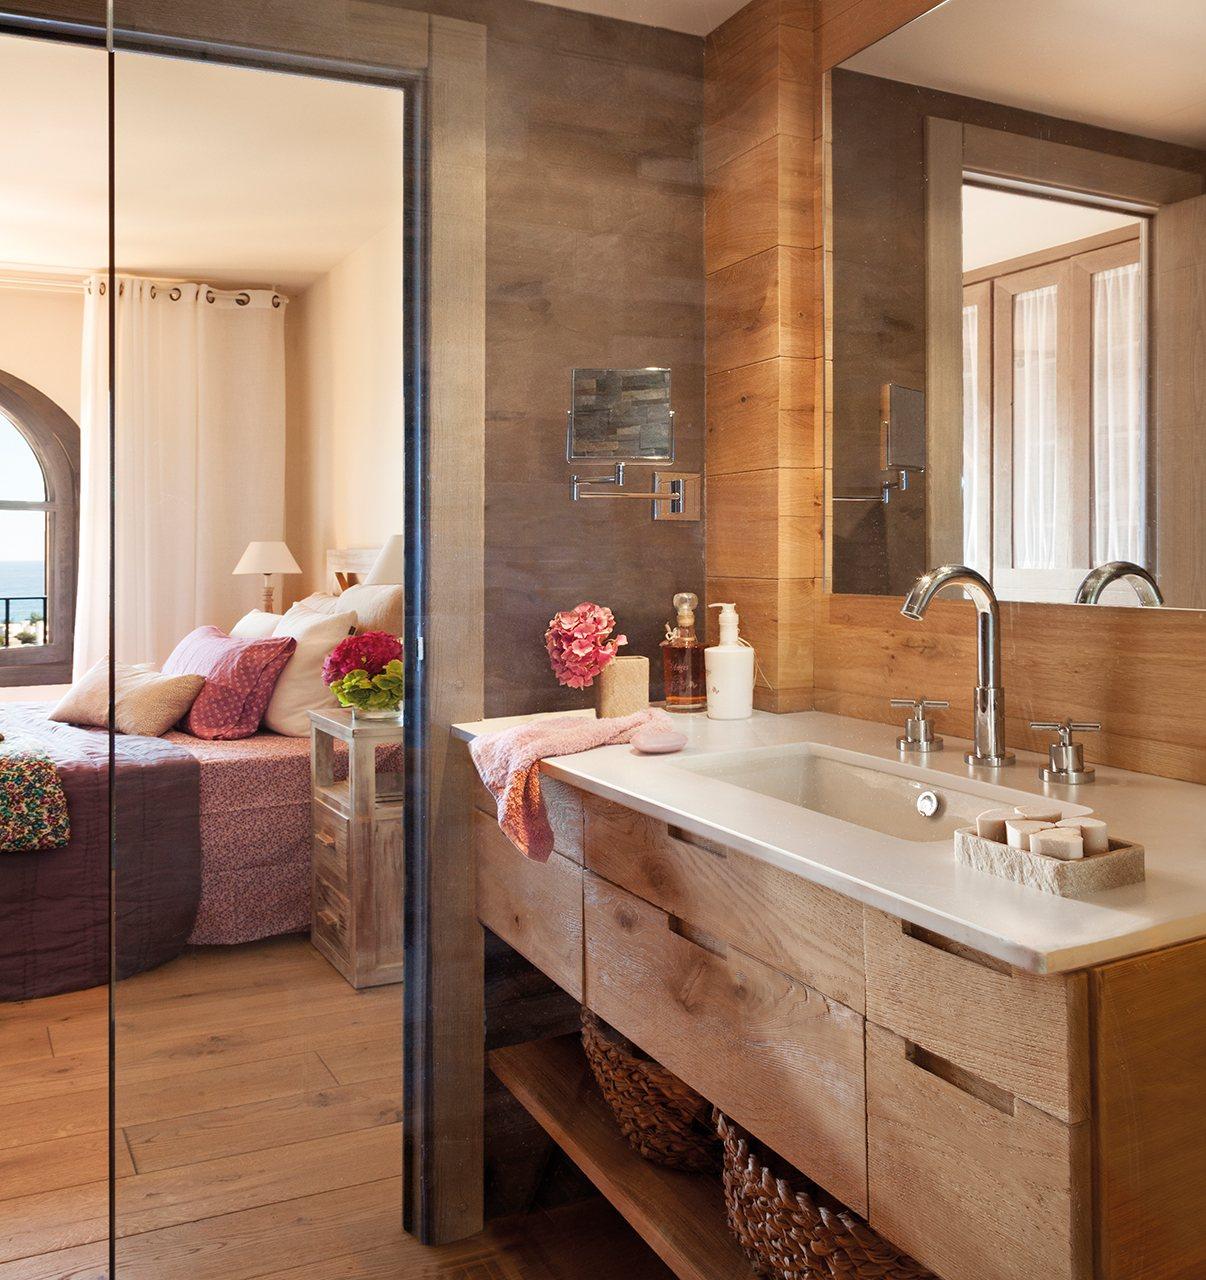 Reforma de una casa en la costa brava - Mueble de bano madera ...